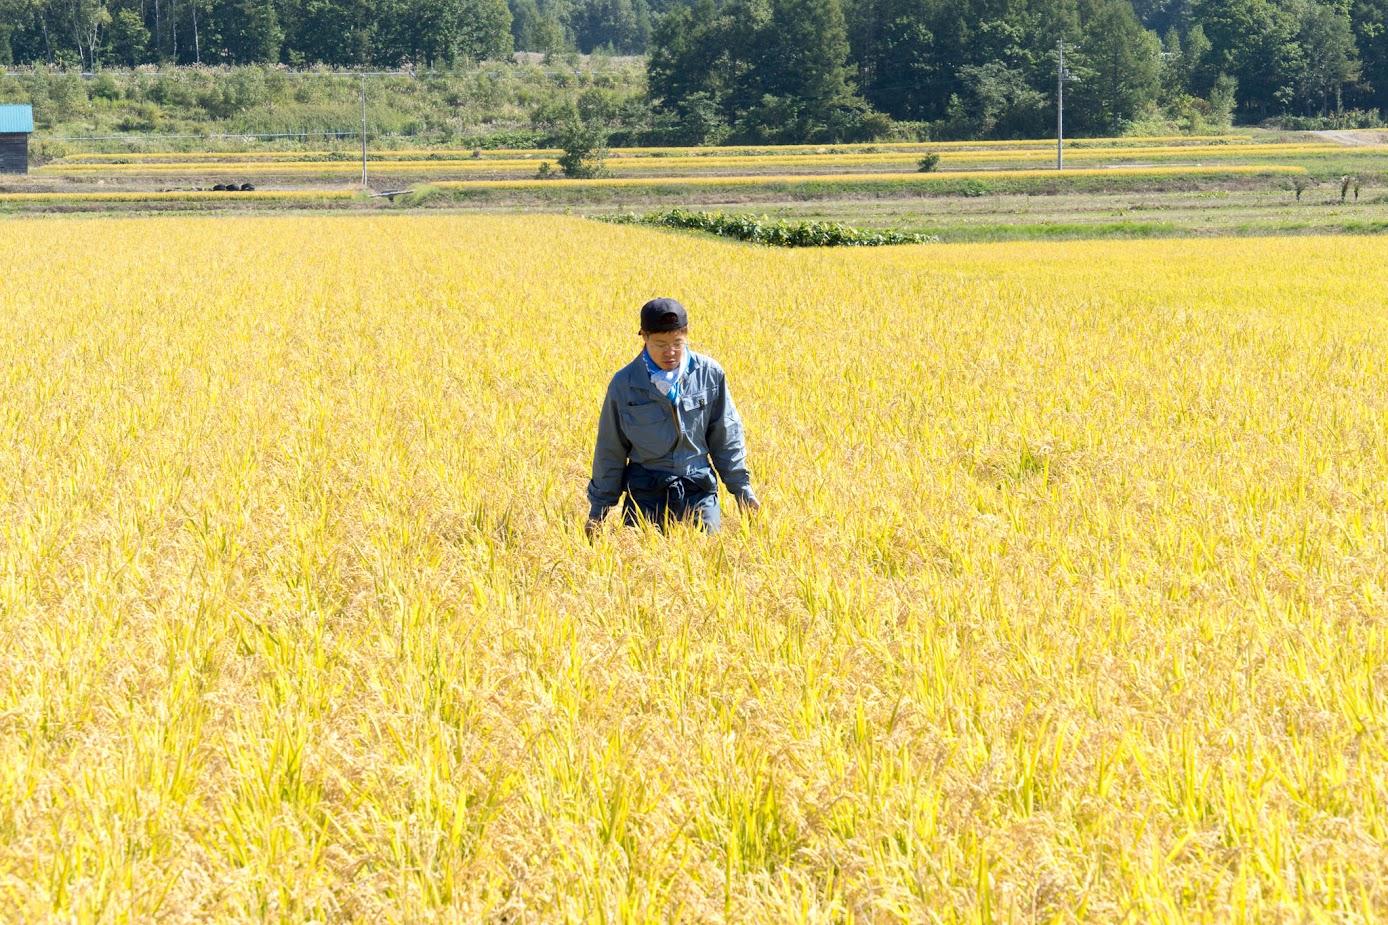 圃場を走って、稲穂の濡れ具合を確認します